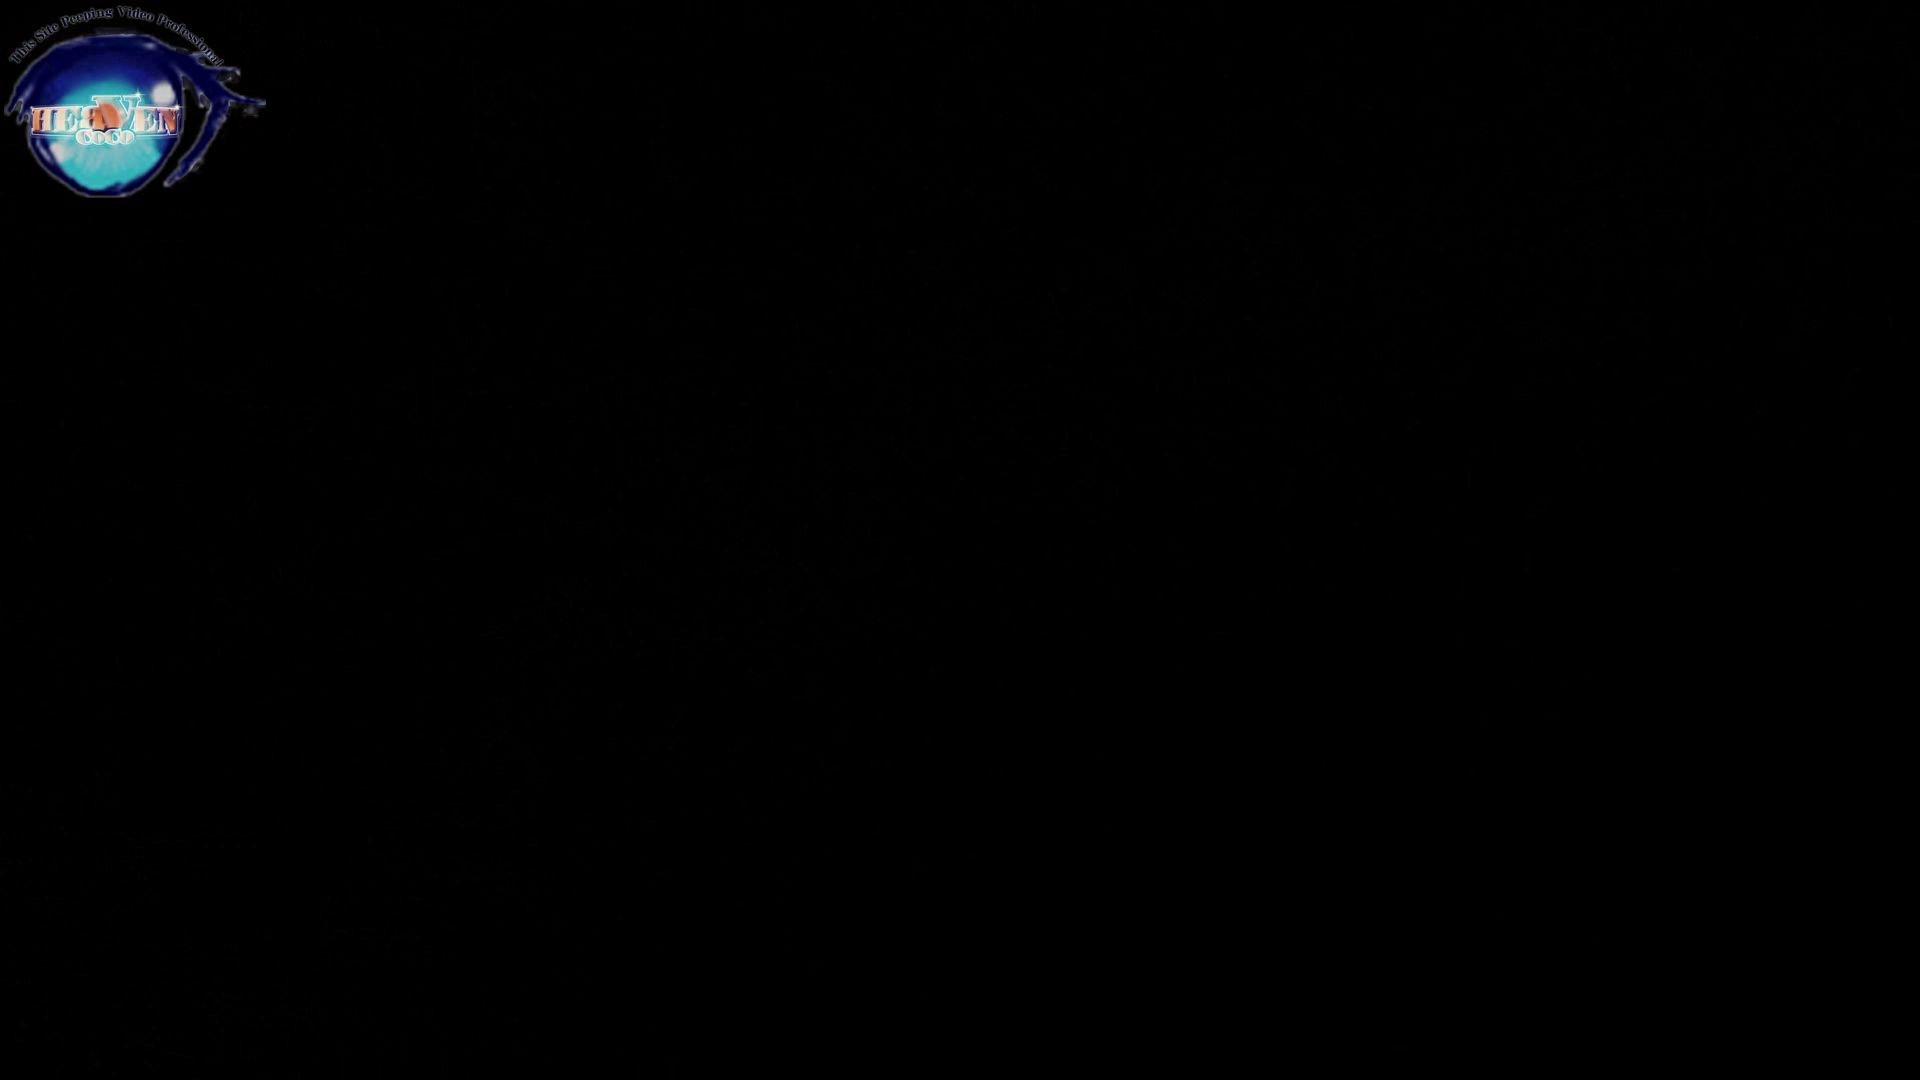 【世界の射窓から】世界の射窓から vol.27 後編 OLエロ画像  38PICs 14